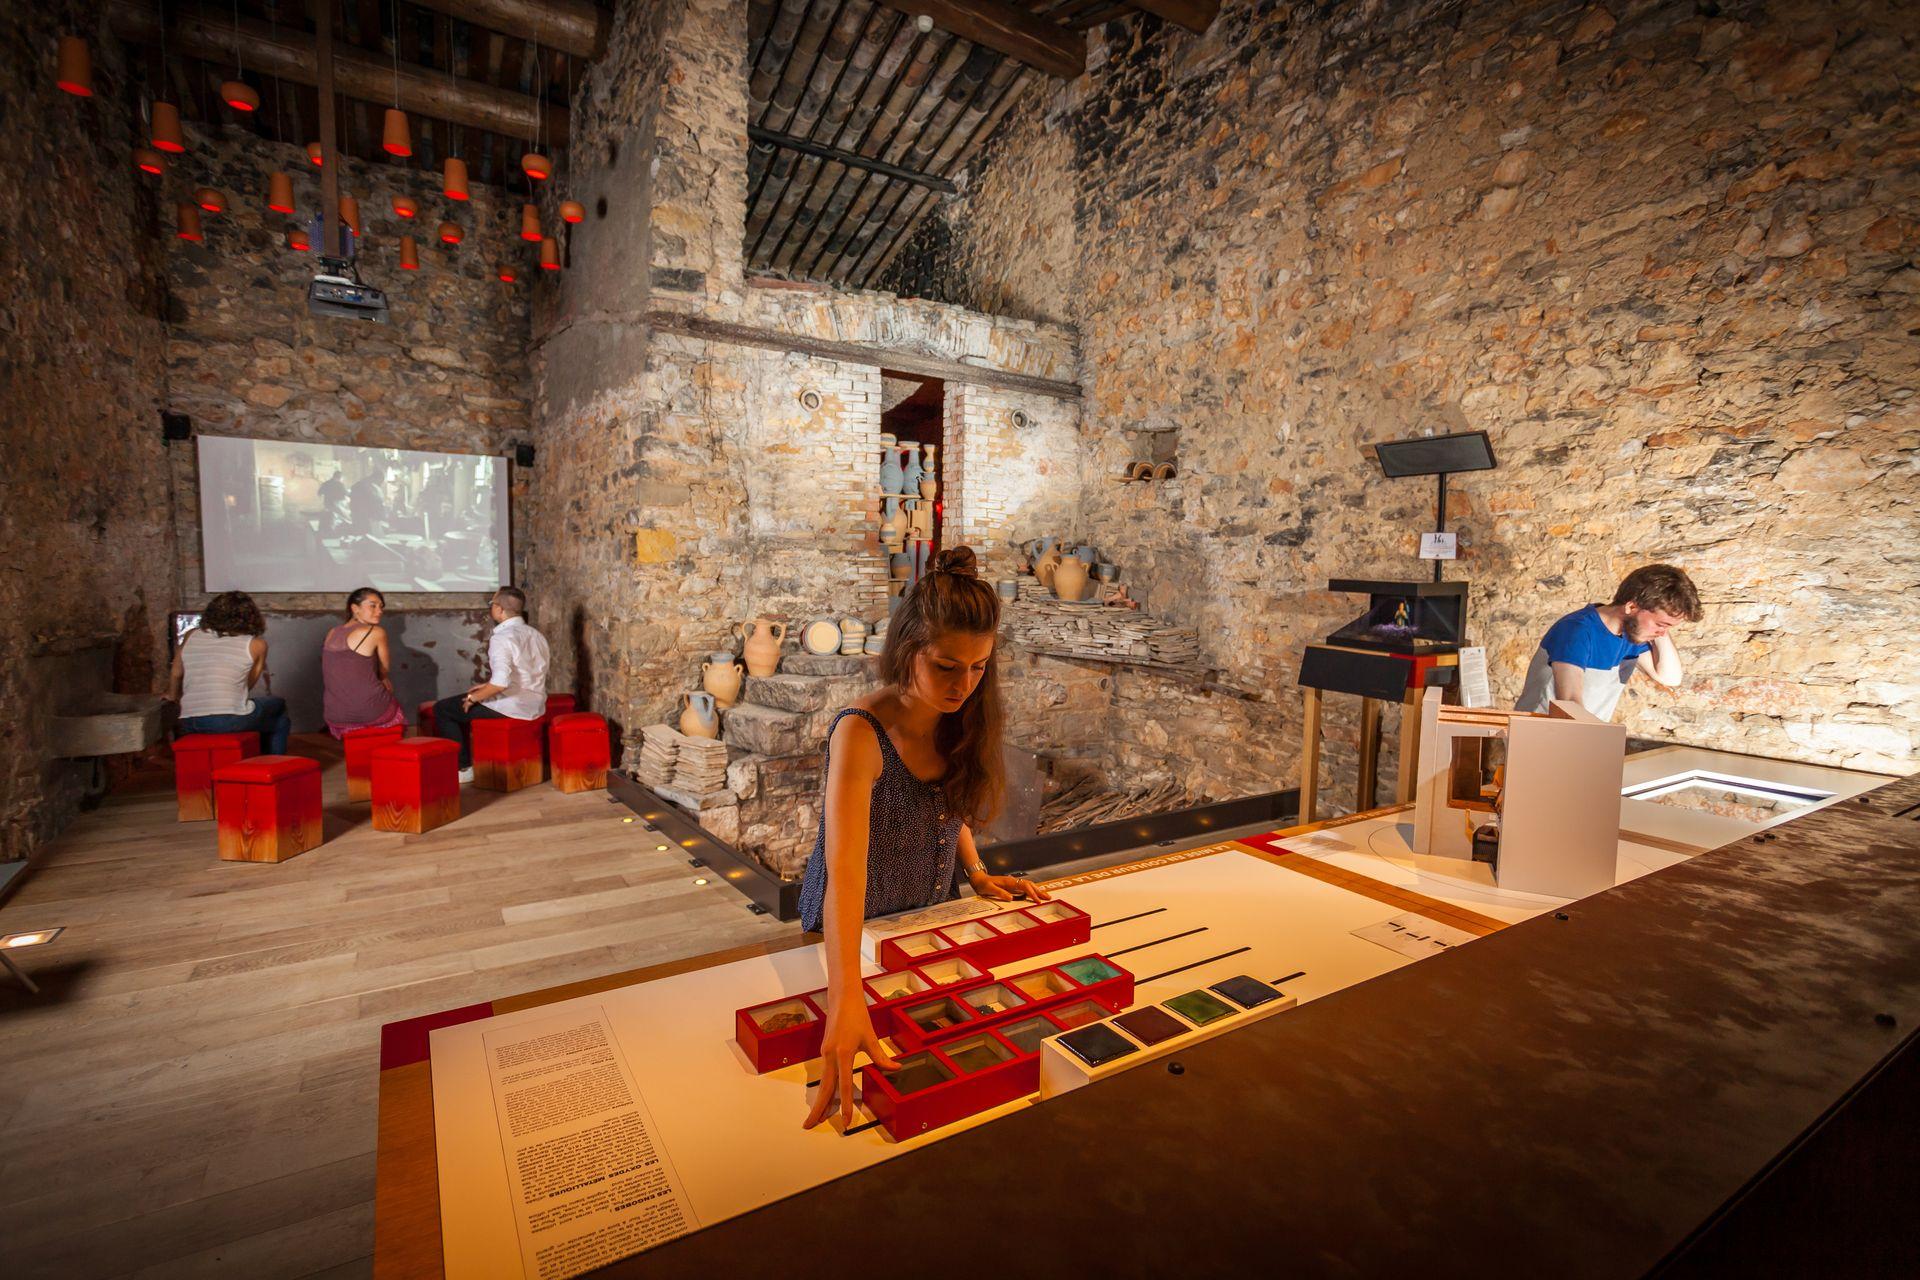 Musée et maison de la poterie - Jeune fille testant l'exposition ludique